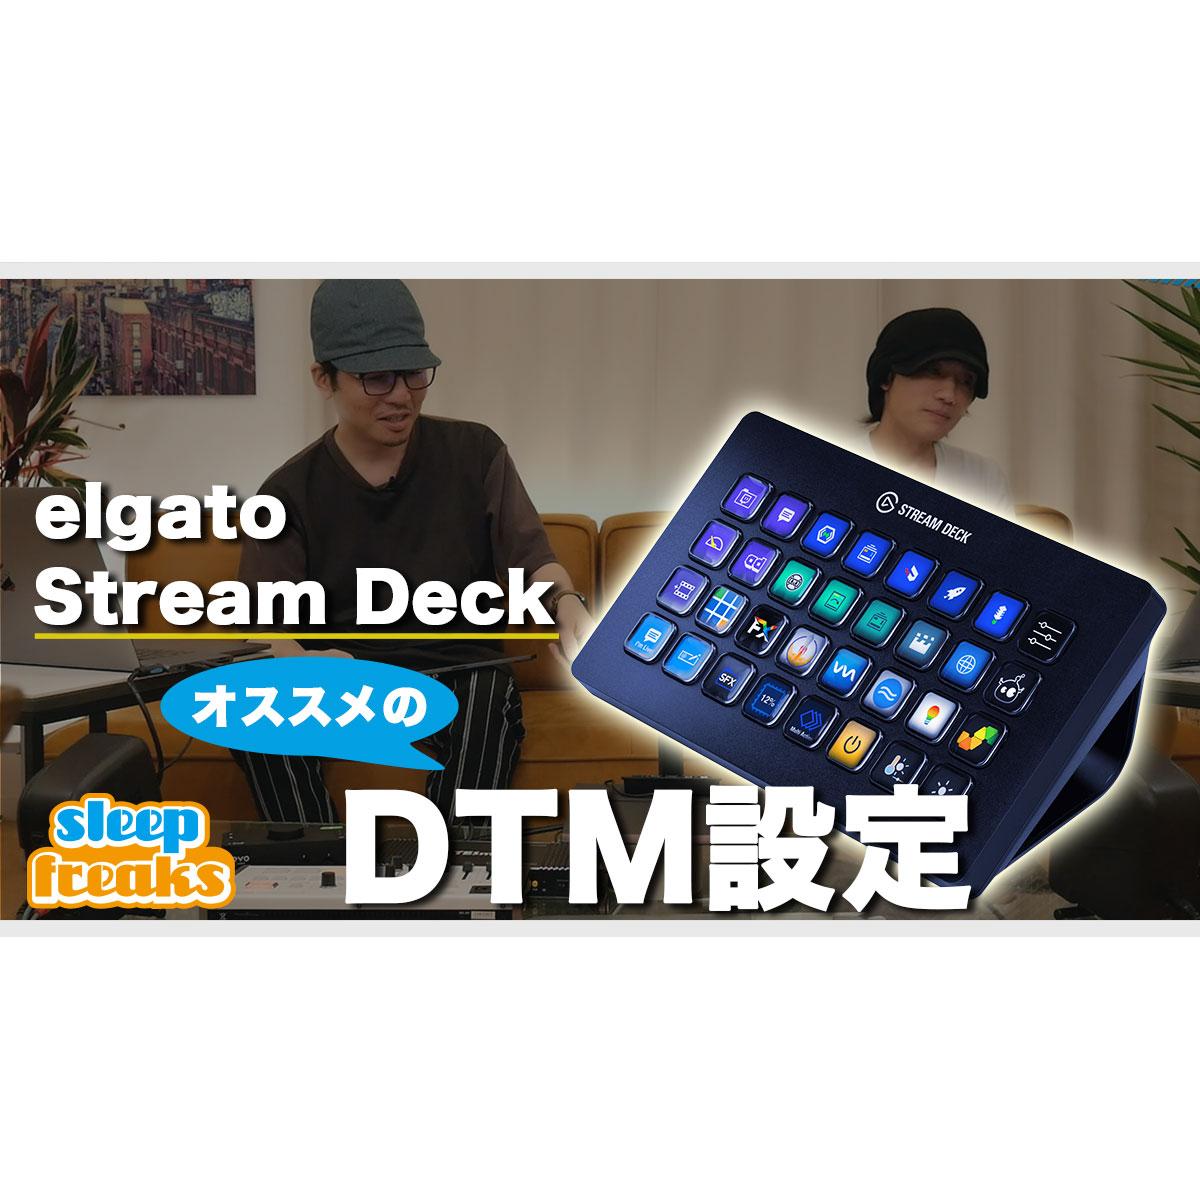 【DTM作業の効率化】Elgato Stream Deckの使い方 & おすすめ設定